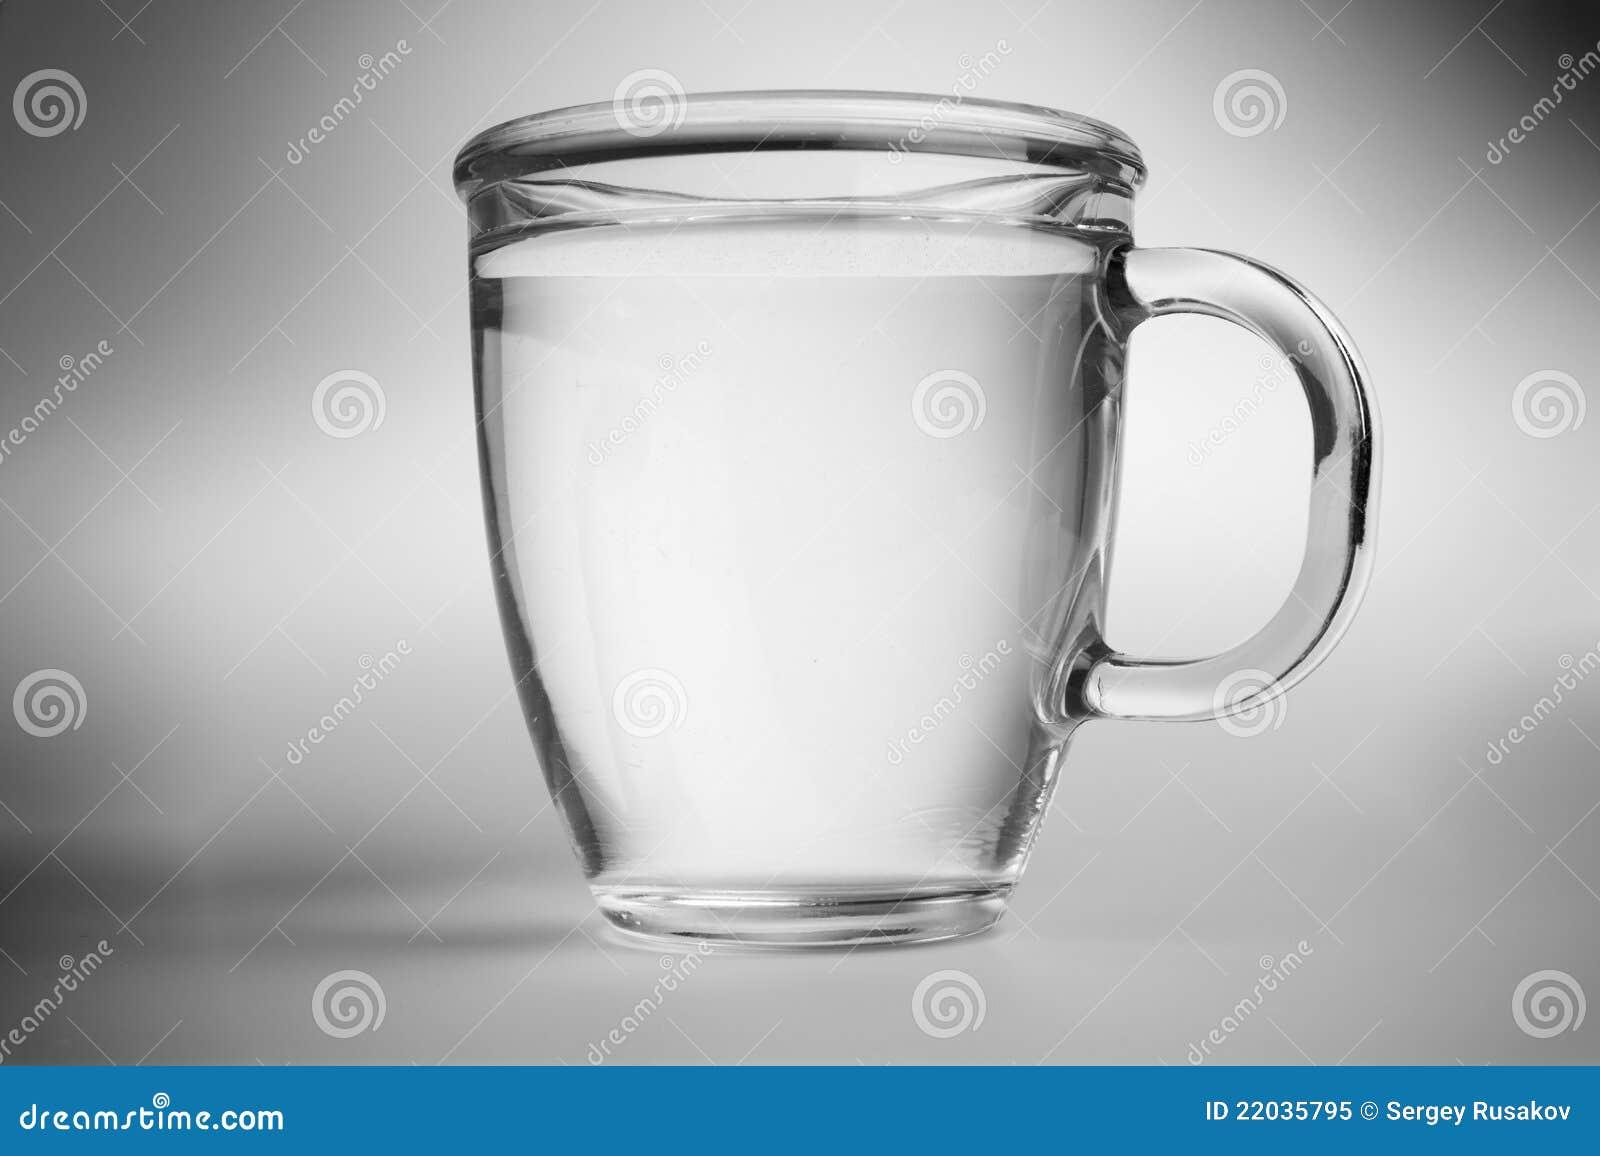 Water In Mug Stock Image Image Of Food White